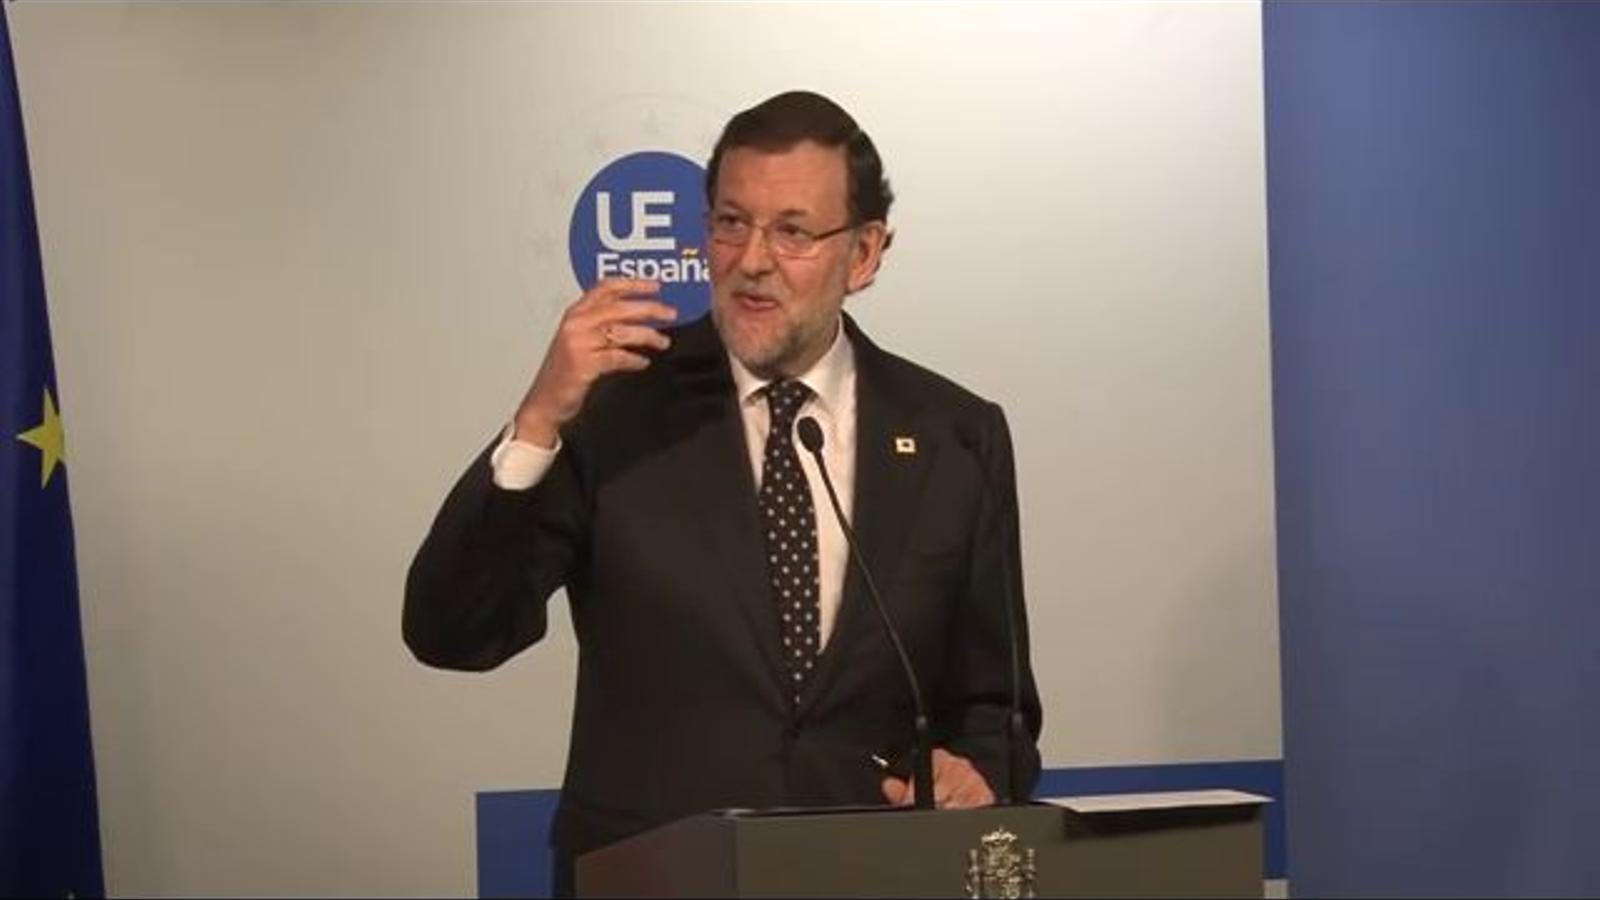 Rajoy: Això això és absolutament impropi de l'any 2011... any en què vivim... 14... lapsus, he, he, he